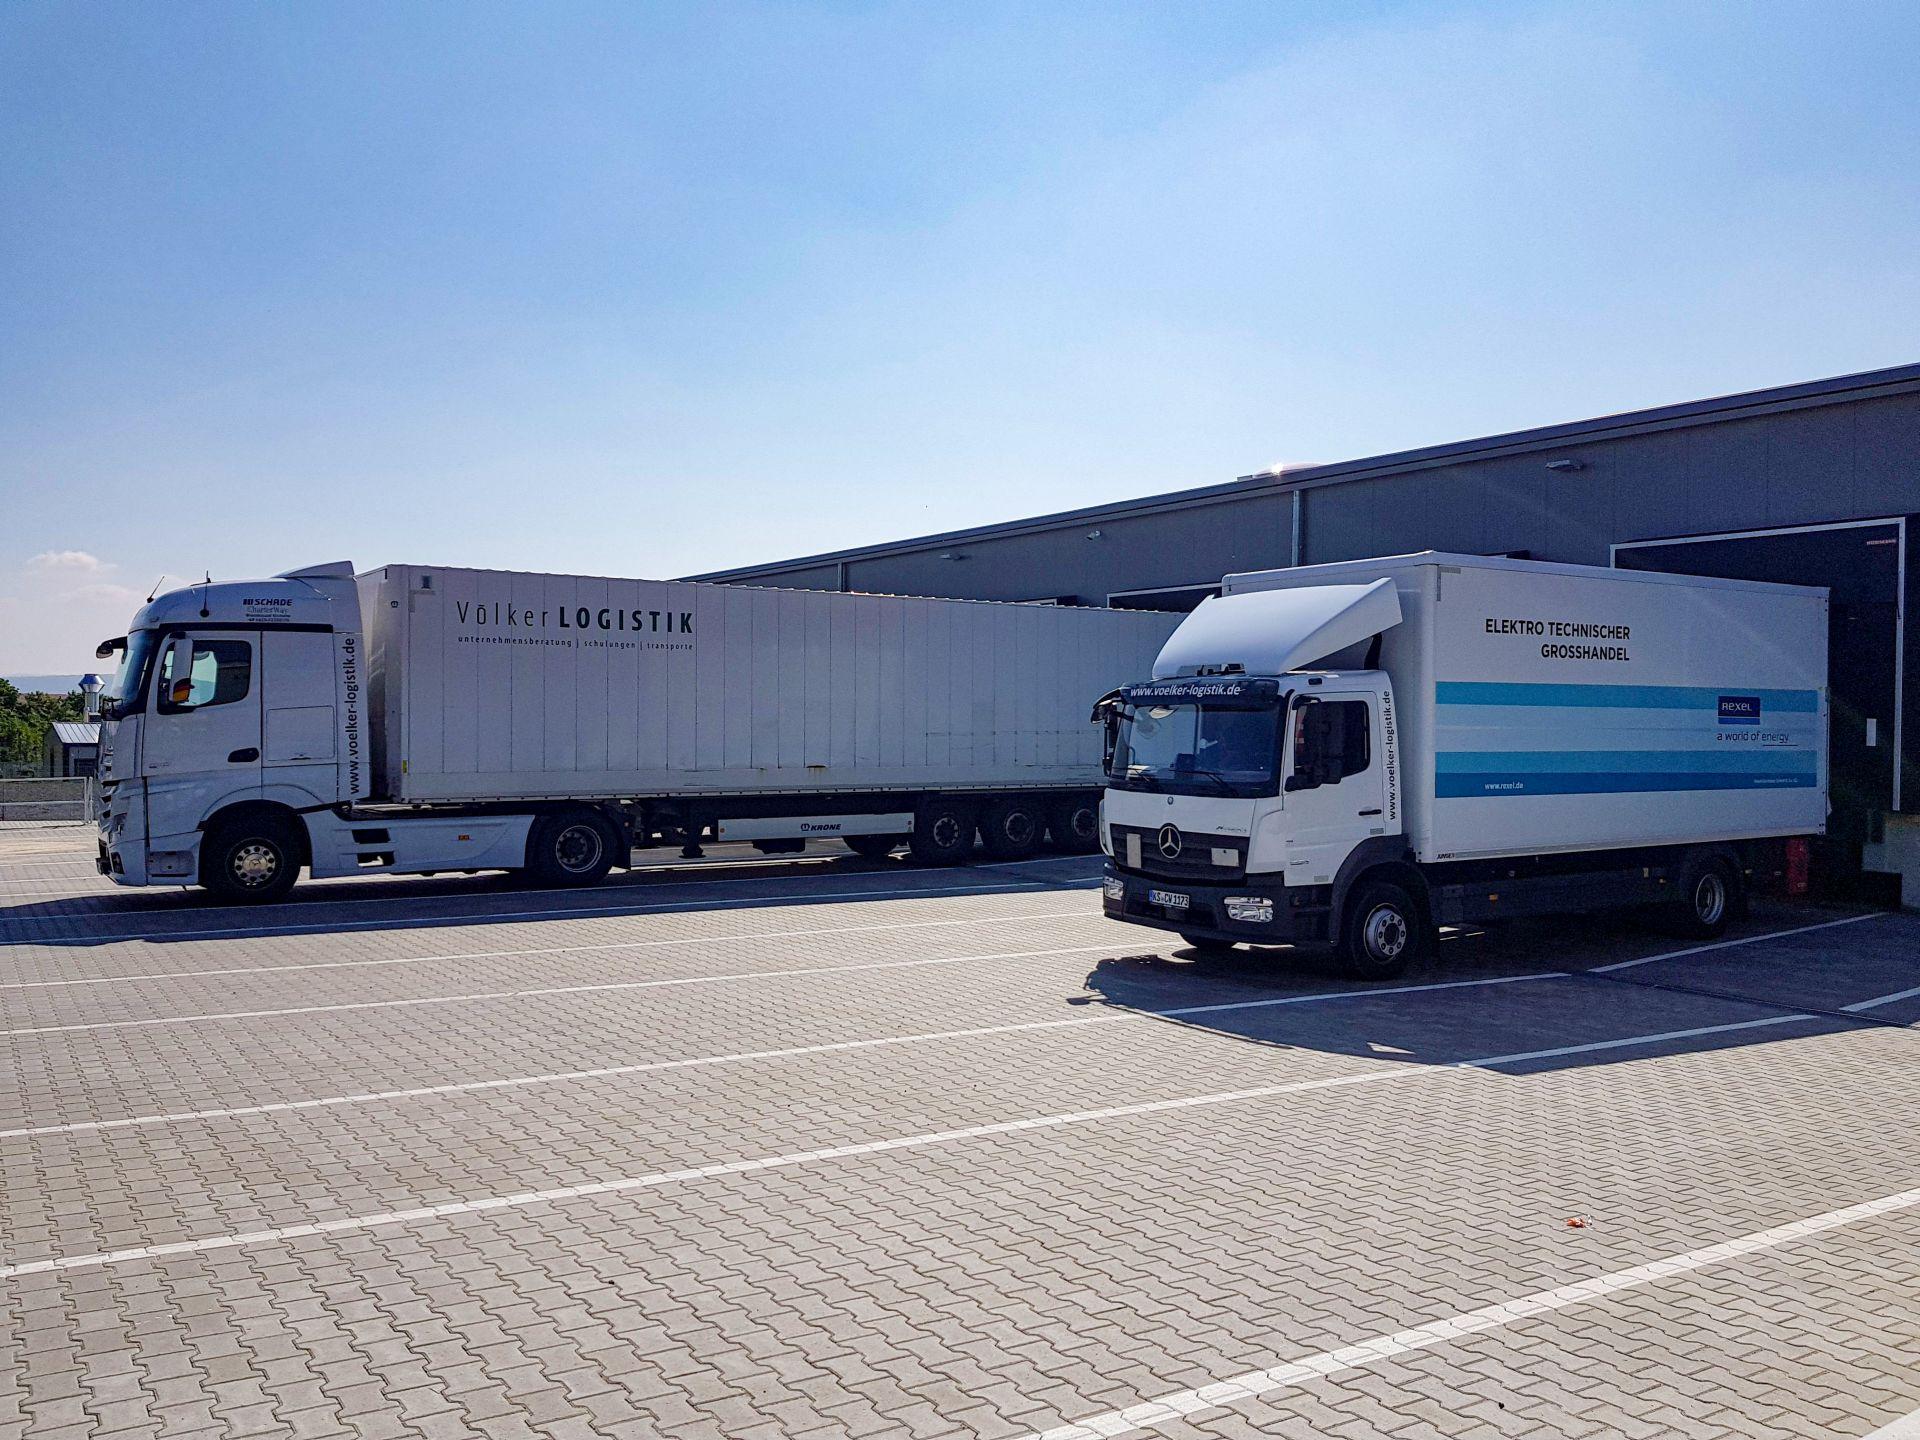 Vozidla společnosti Völker Logistik. Pramen: VCHD Cargo